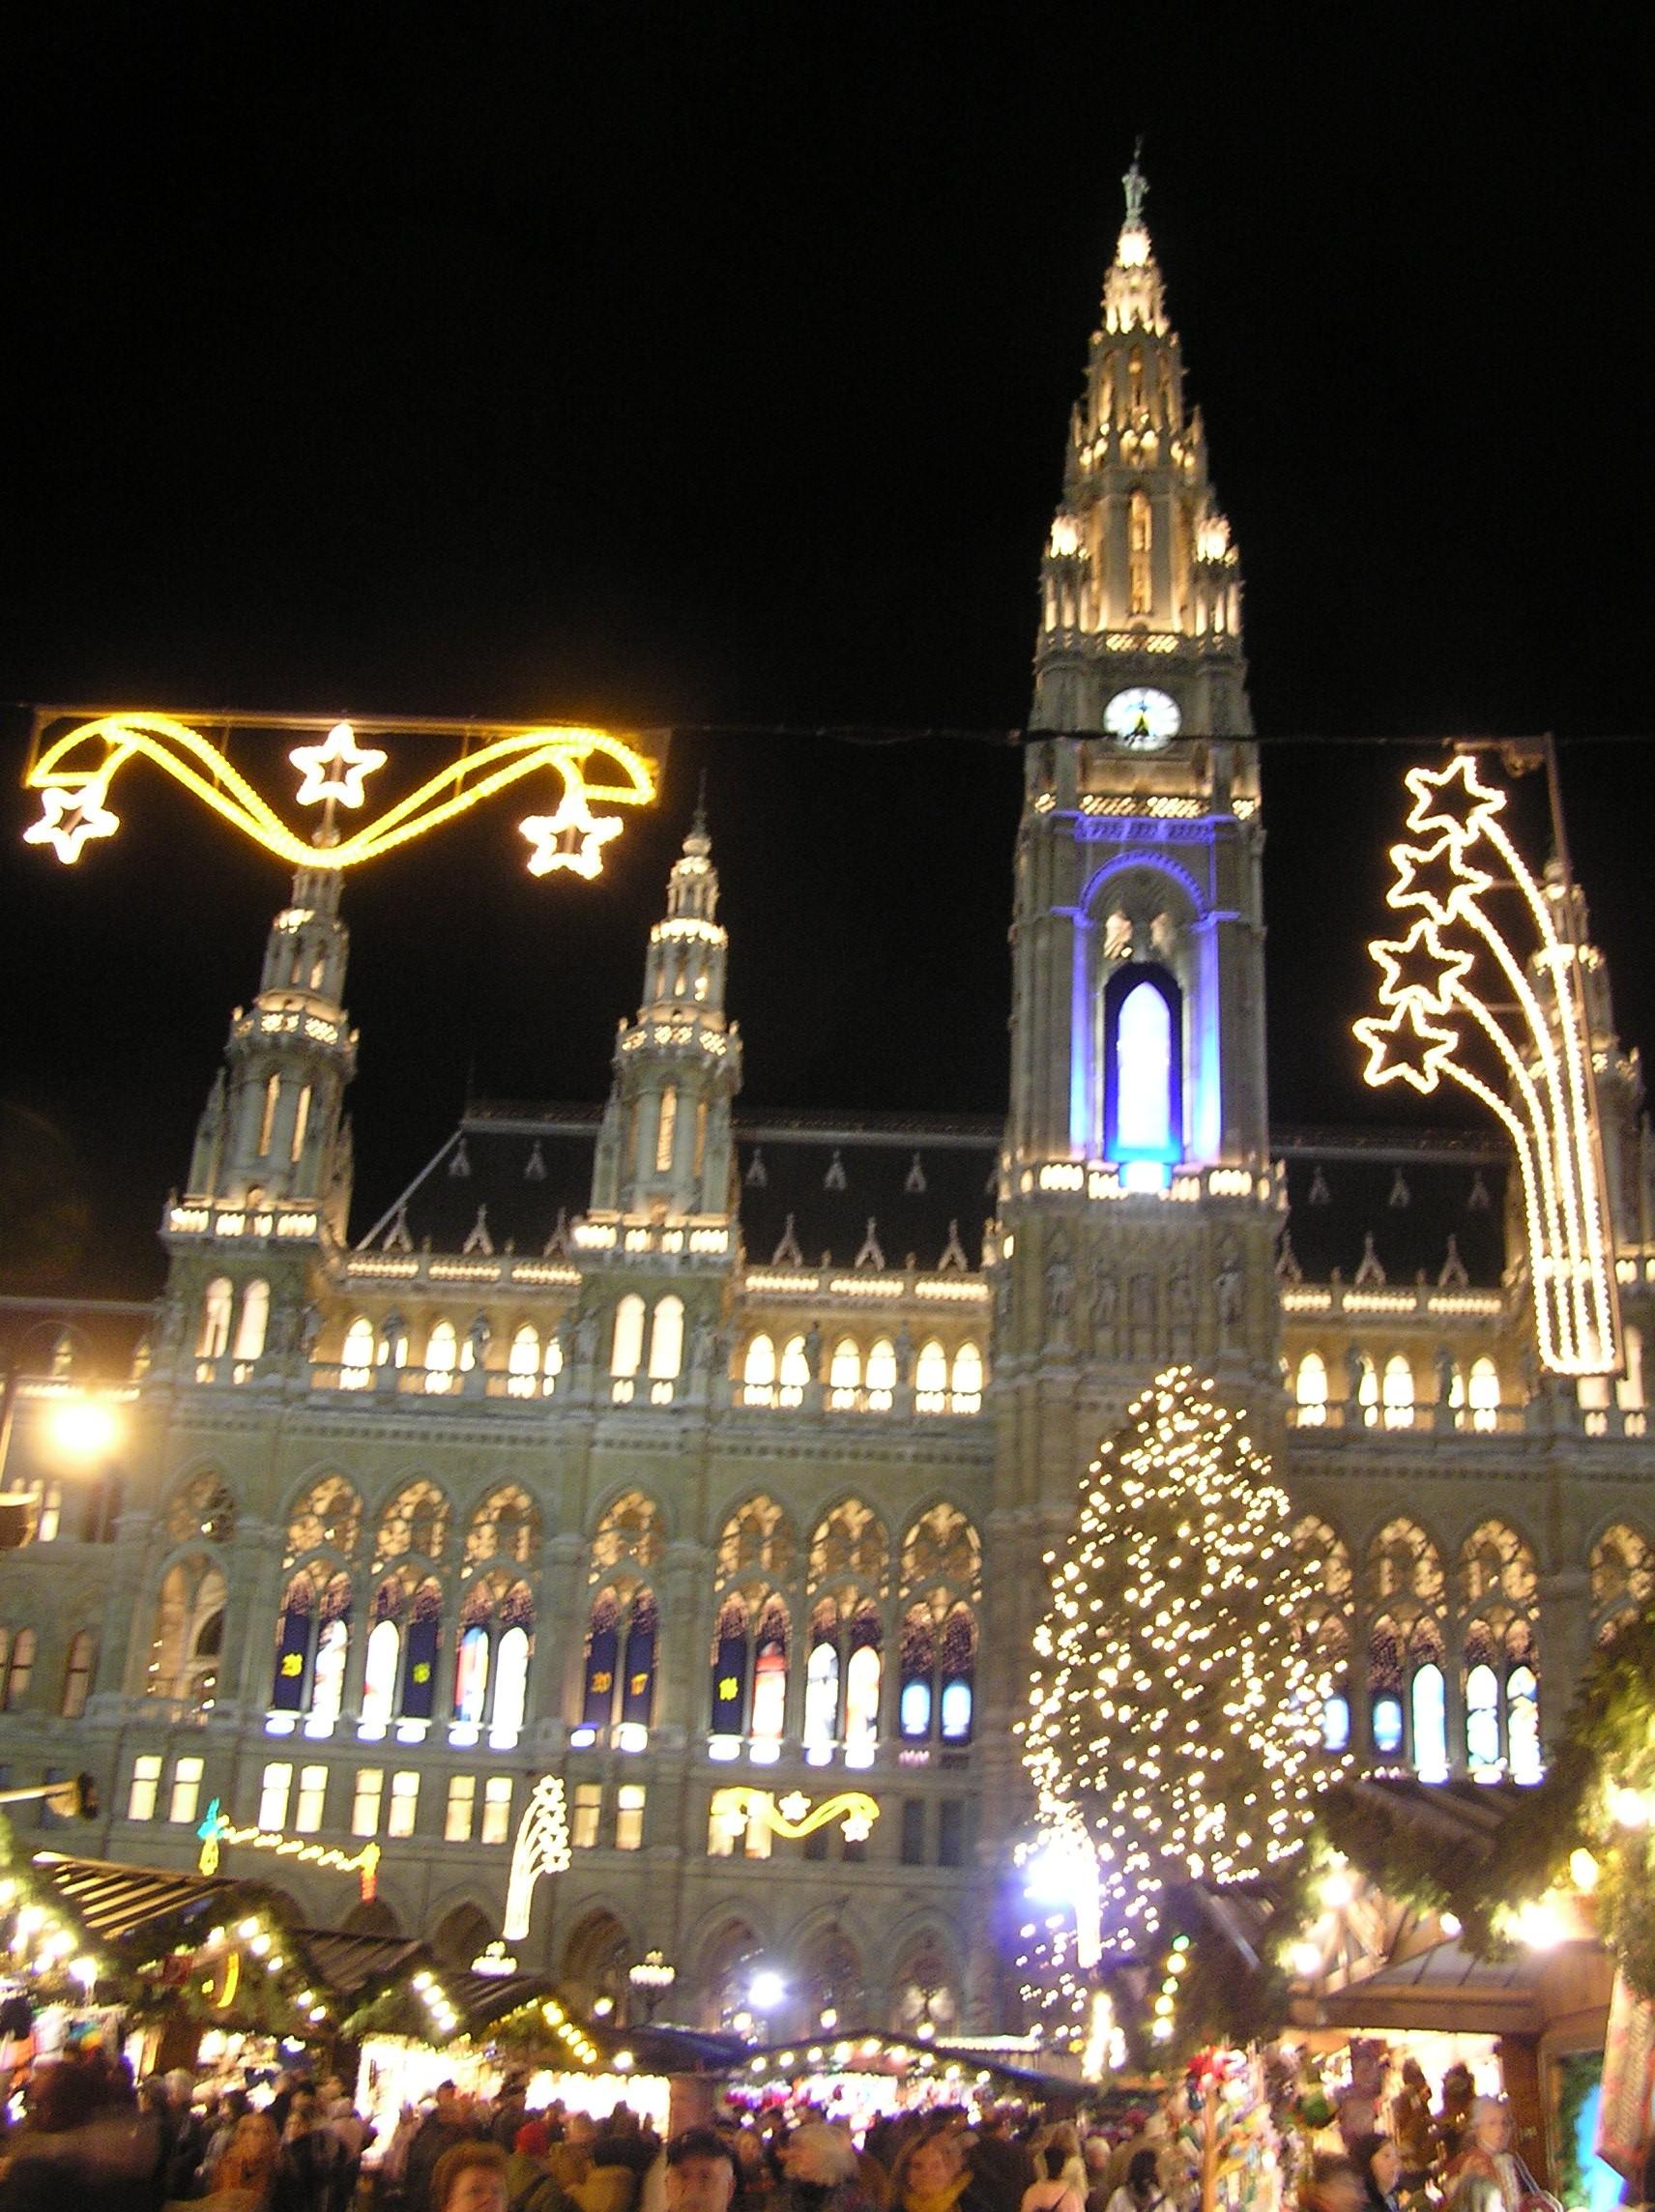 Rakousko, Vídeň, radnice v adventním osvětlení a náladě